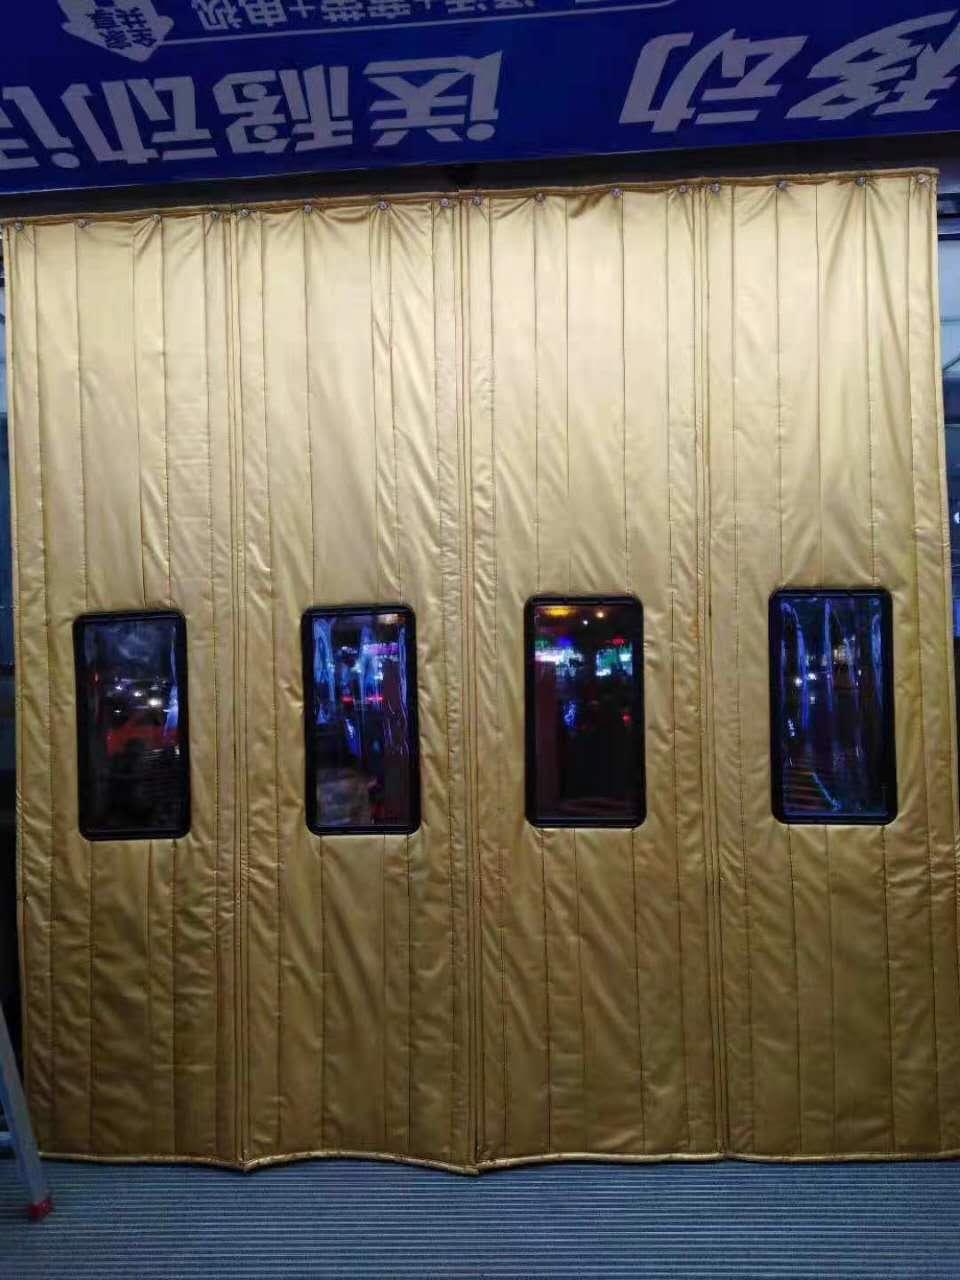 江蘇知名磁吸門簾廠家報價 歡迎咨詢 南京市浦口區博興裝飾材料供應